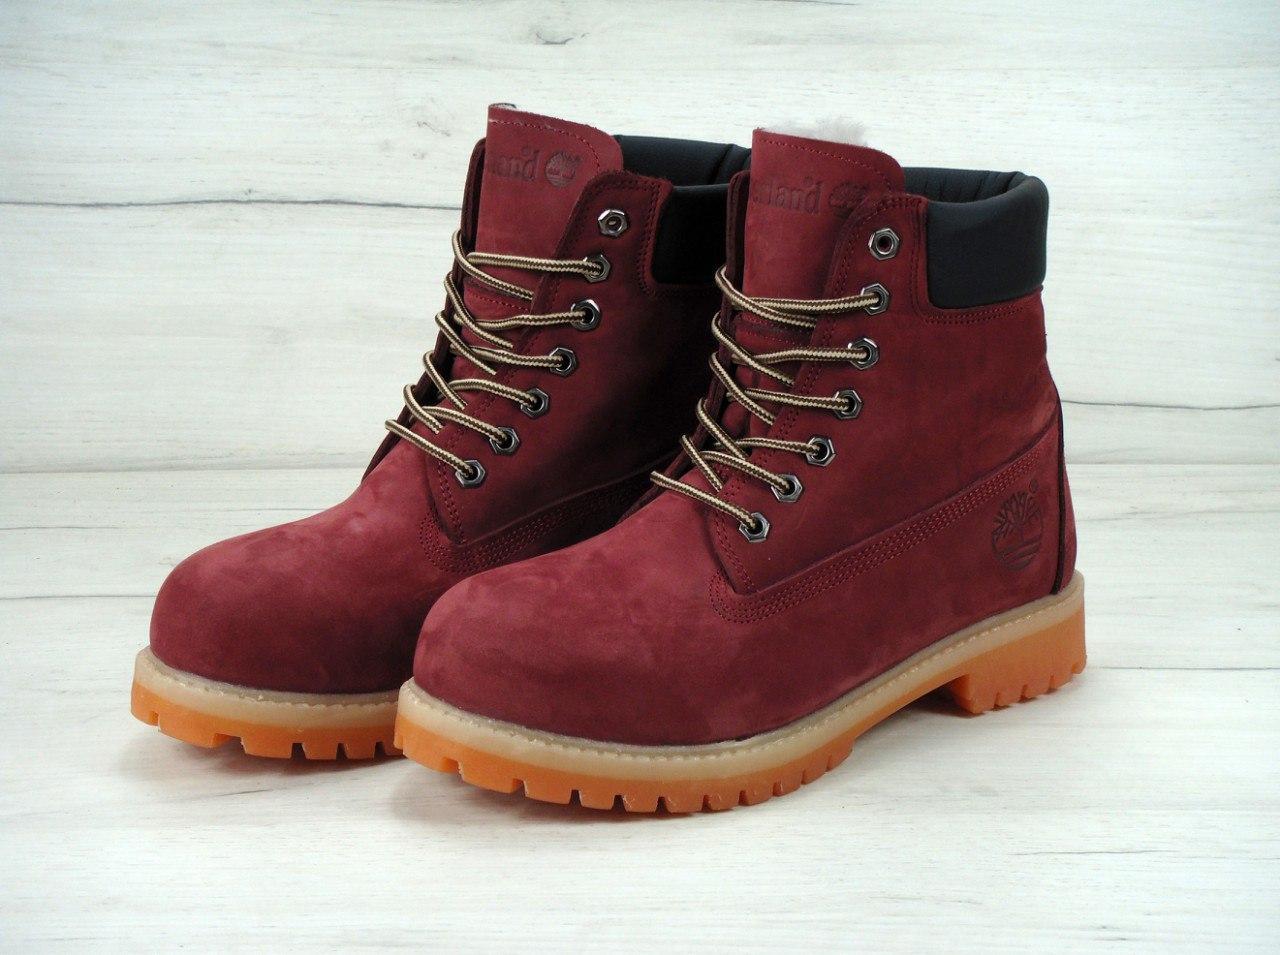 Зимние ботинкиTimberland Bordo, мужские ботинки с натуральным мехом 7224a168f7b